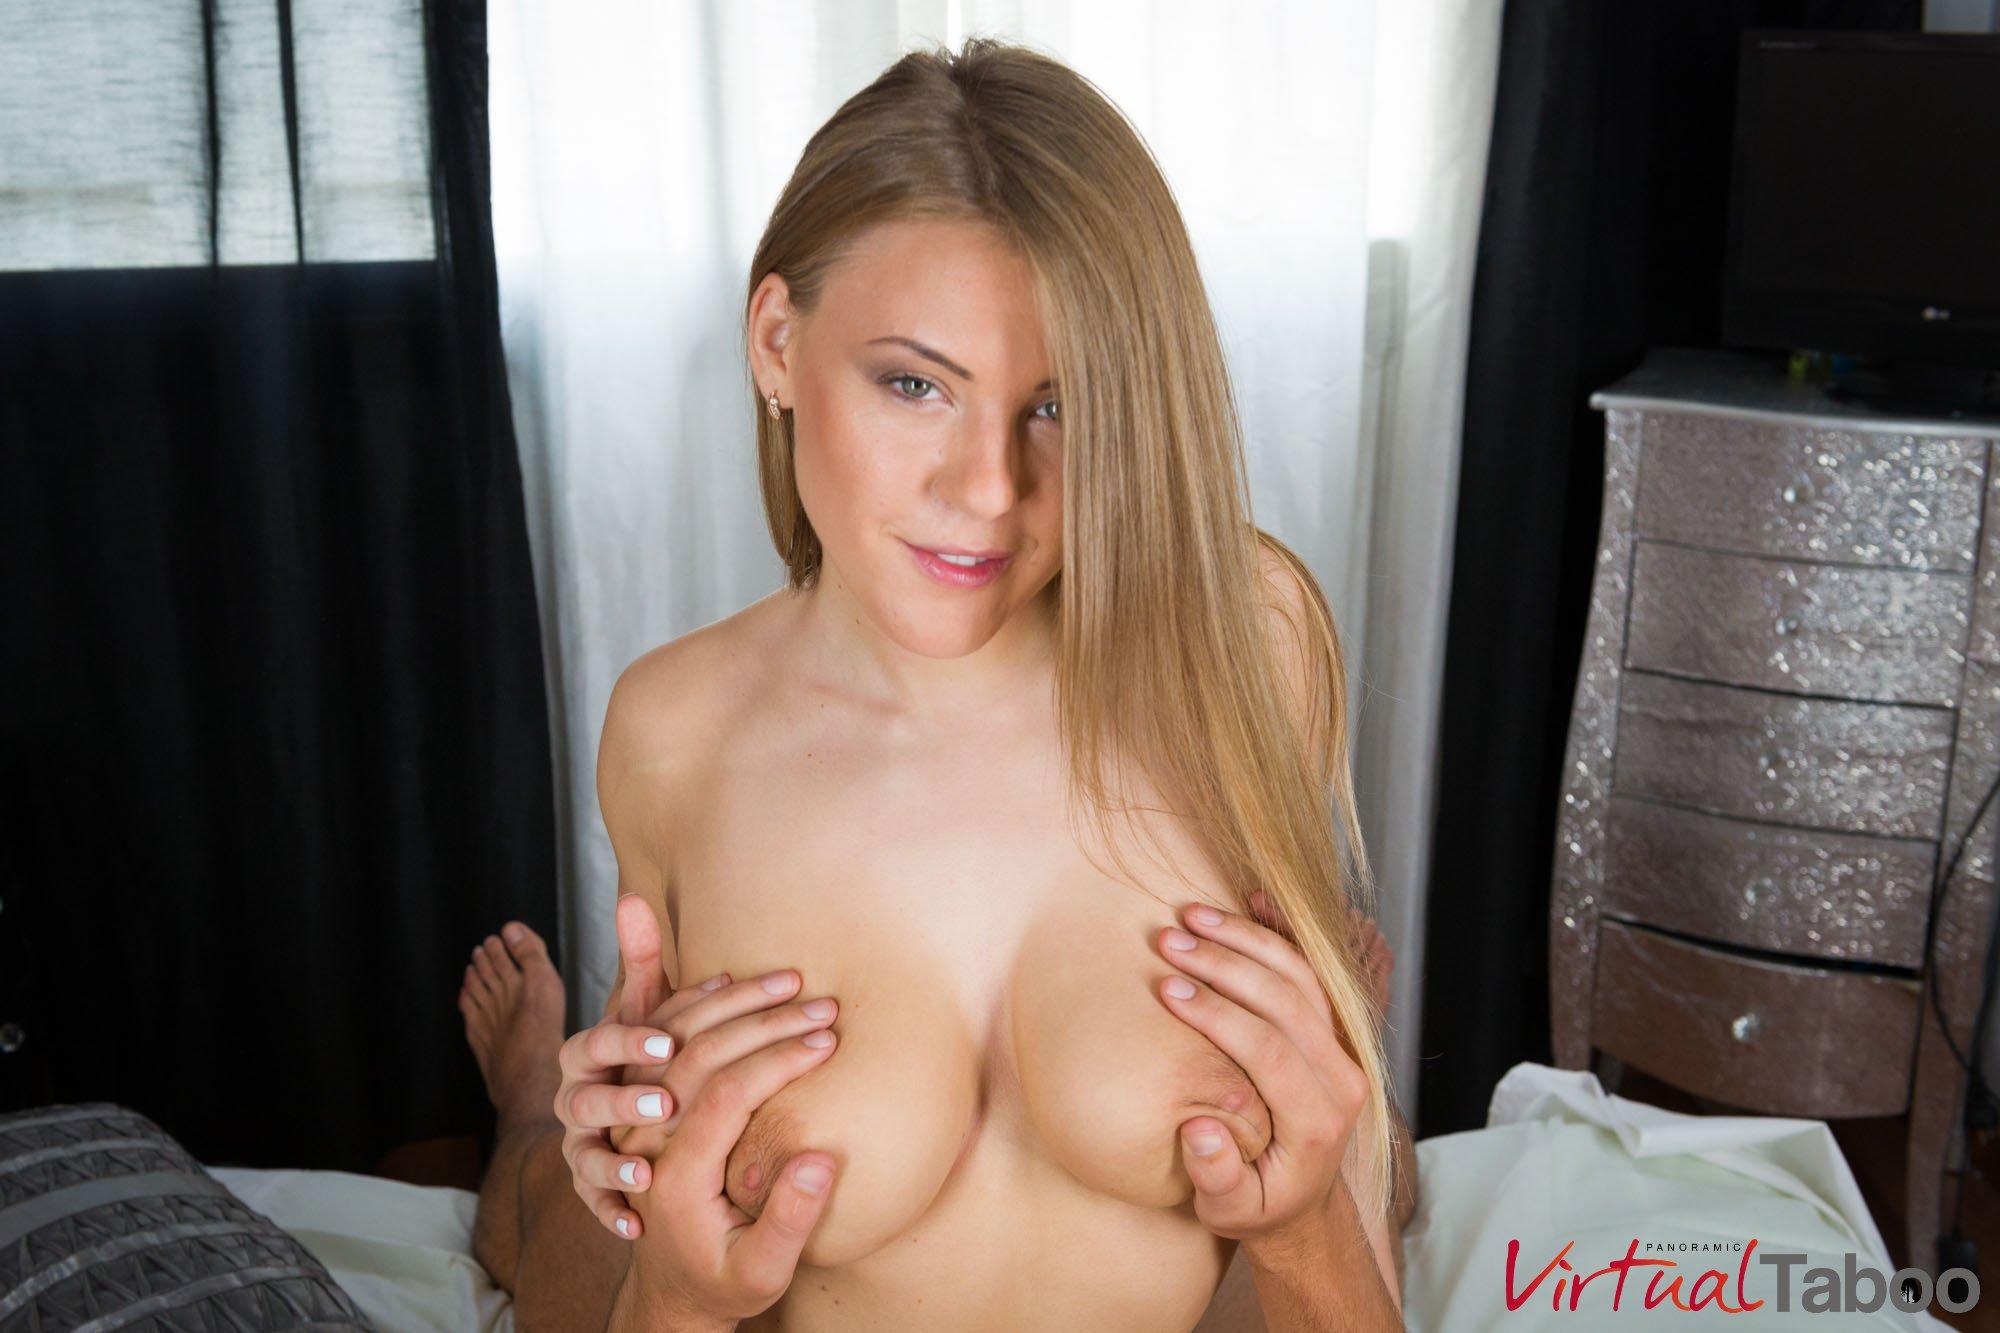 vr porn viola bailey